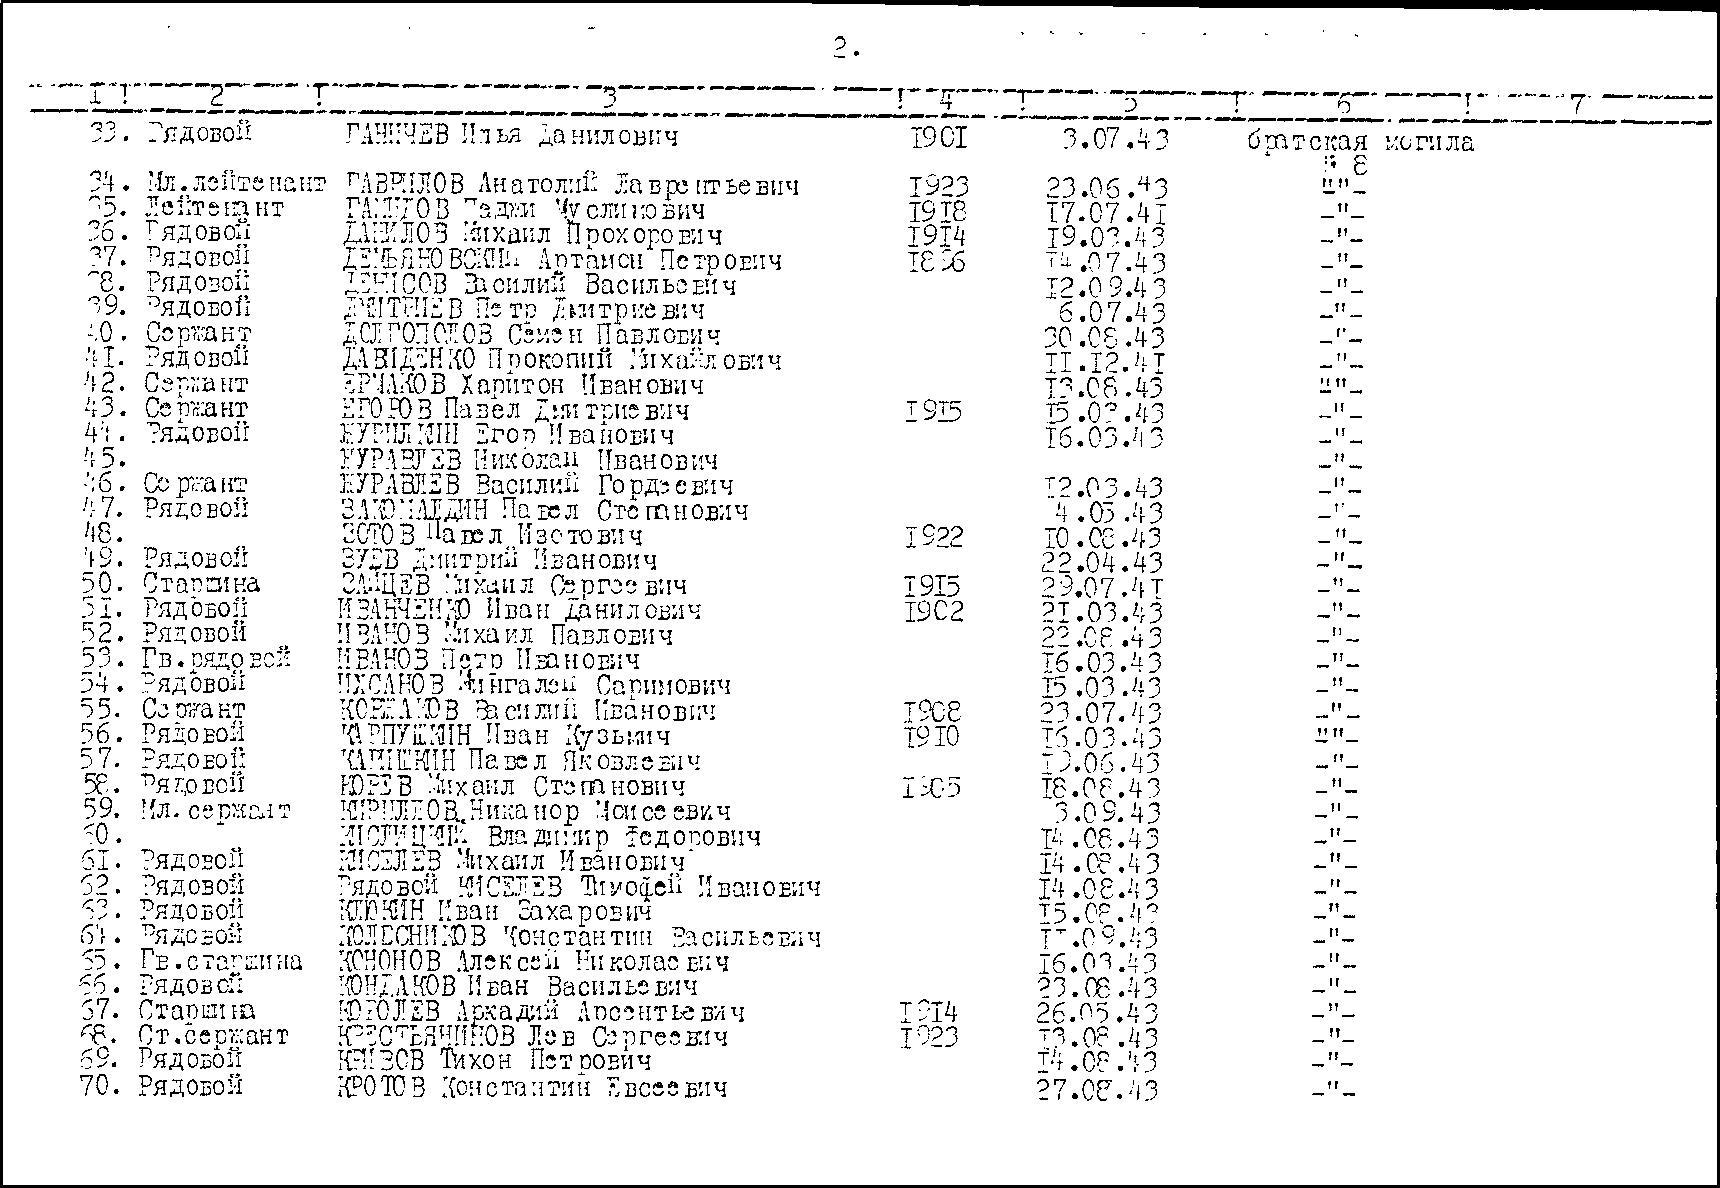 Страница из списка захороненных